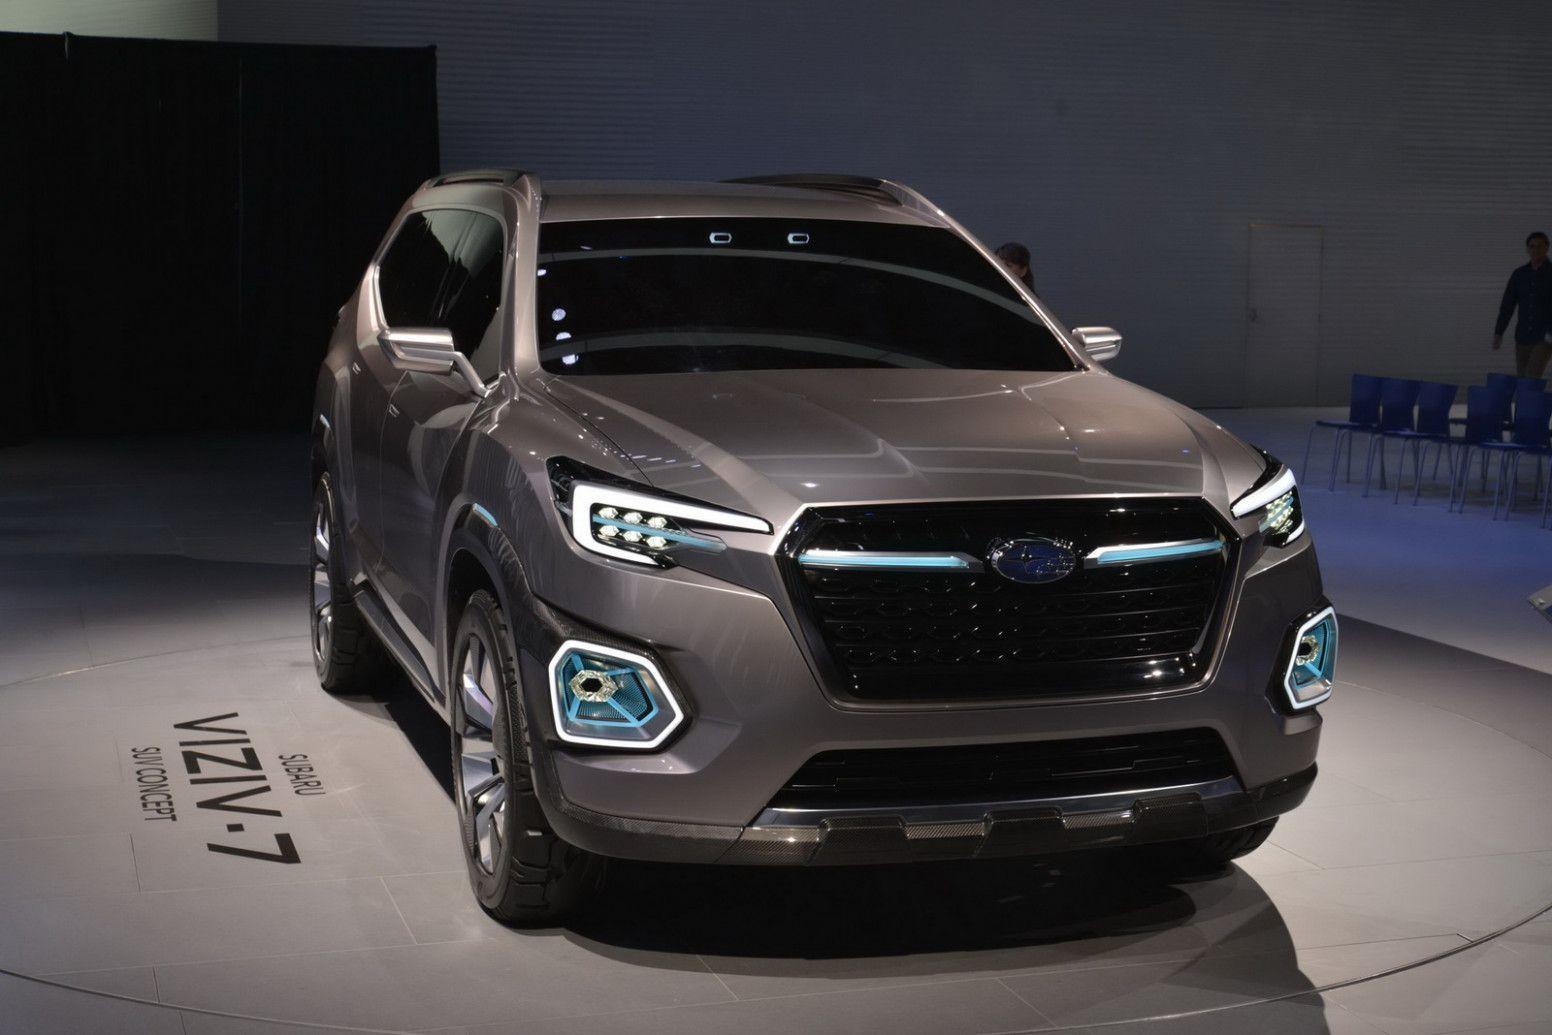 11 Picture 2020 Subaru Viziv Pickup In 2020 Subaru Subaru Baja Subaru Cars